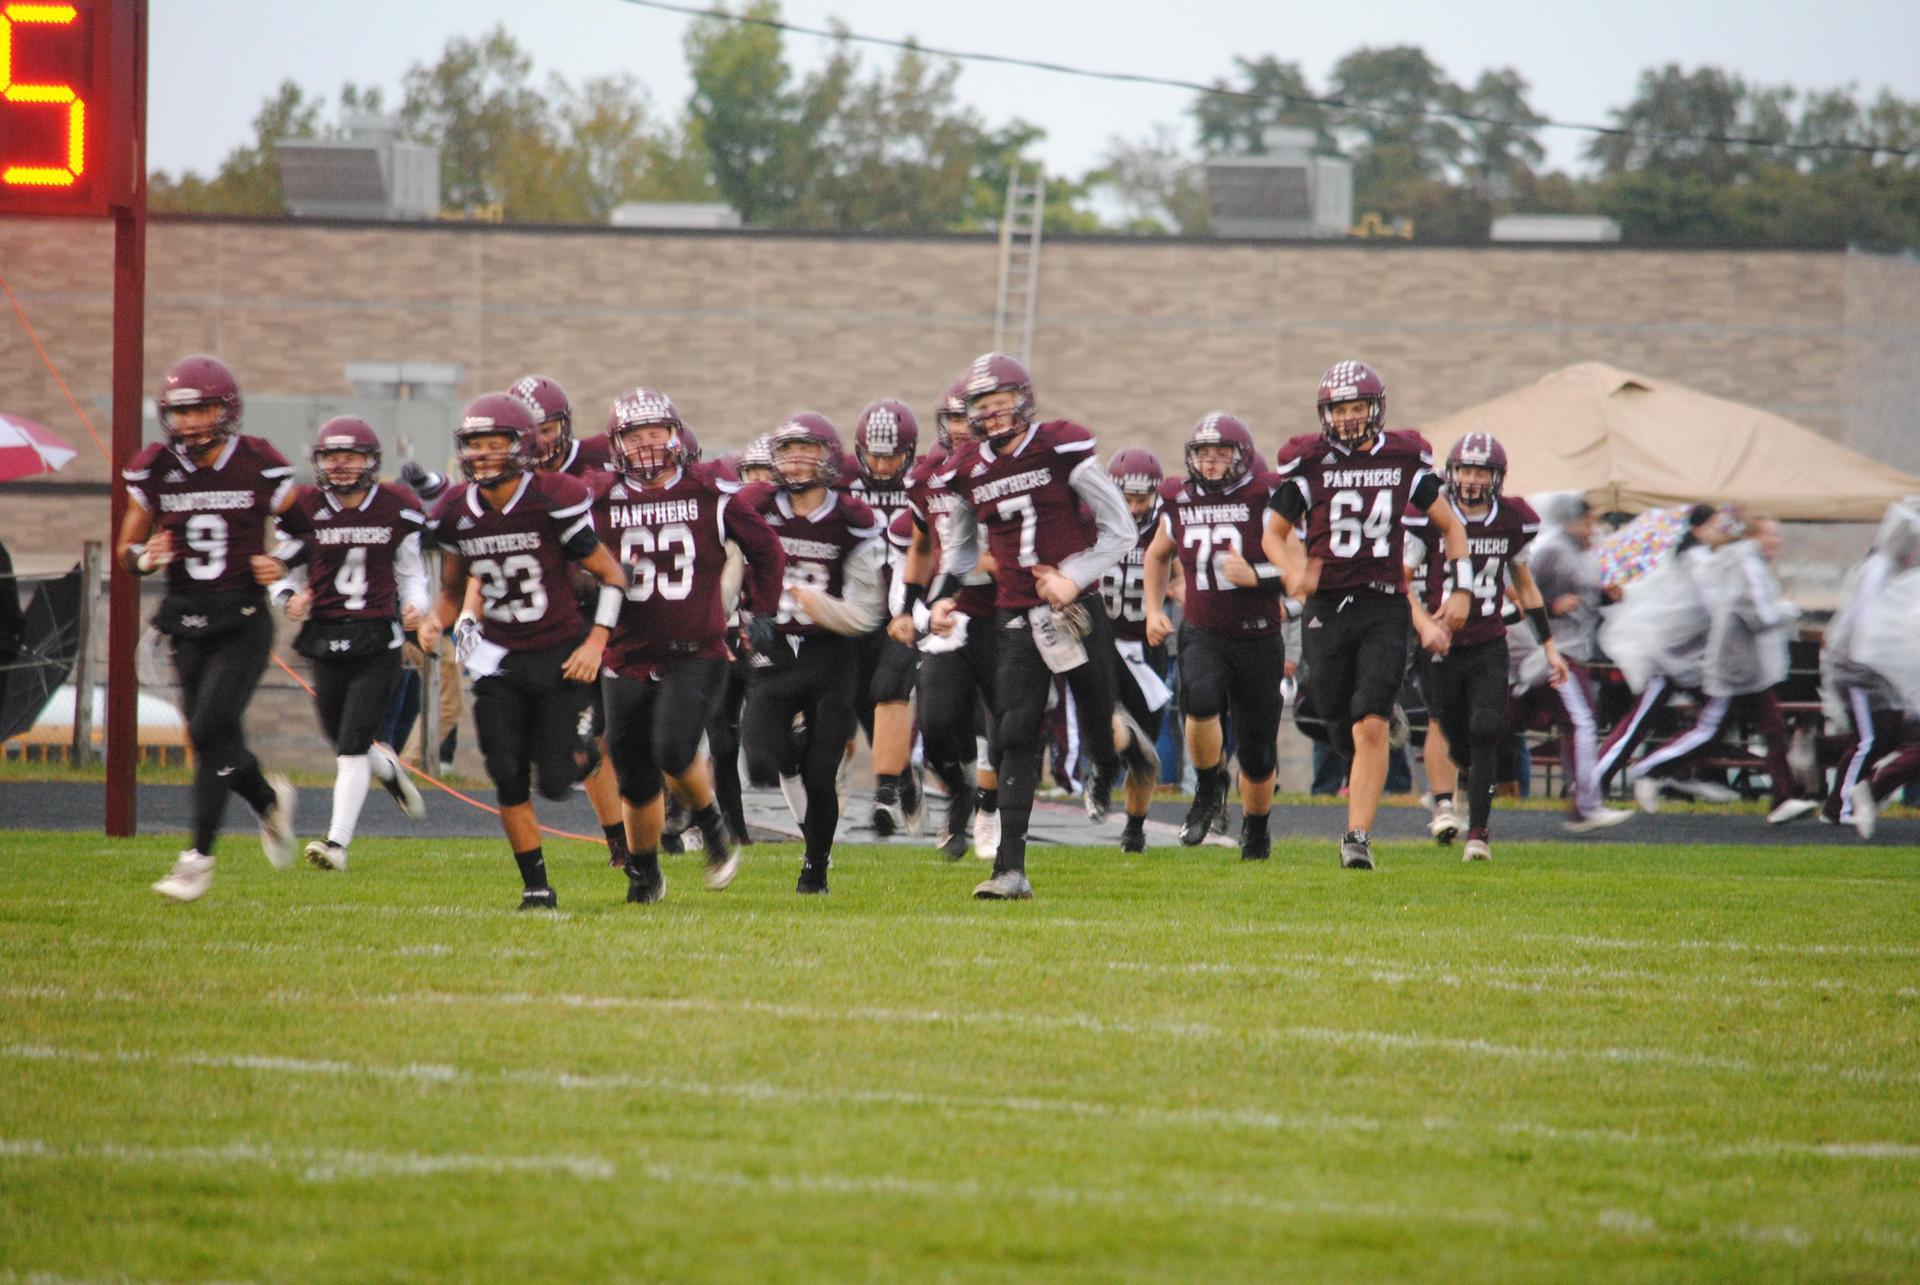 football team running